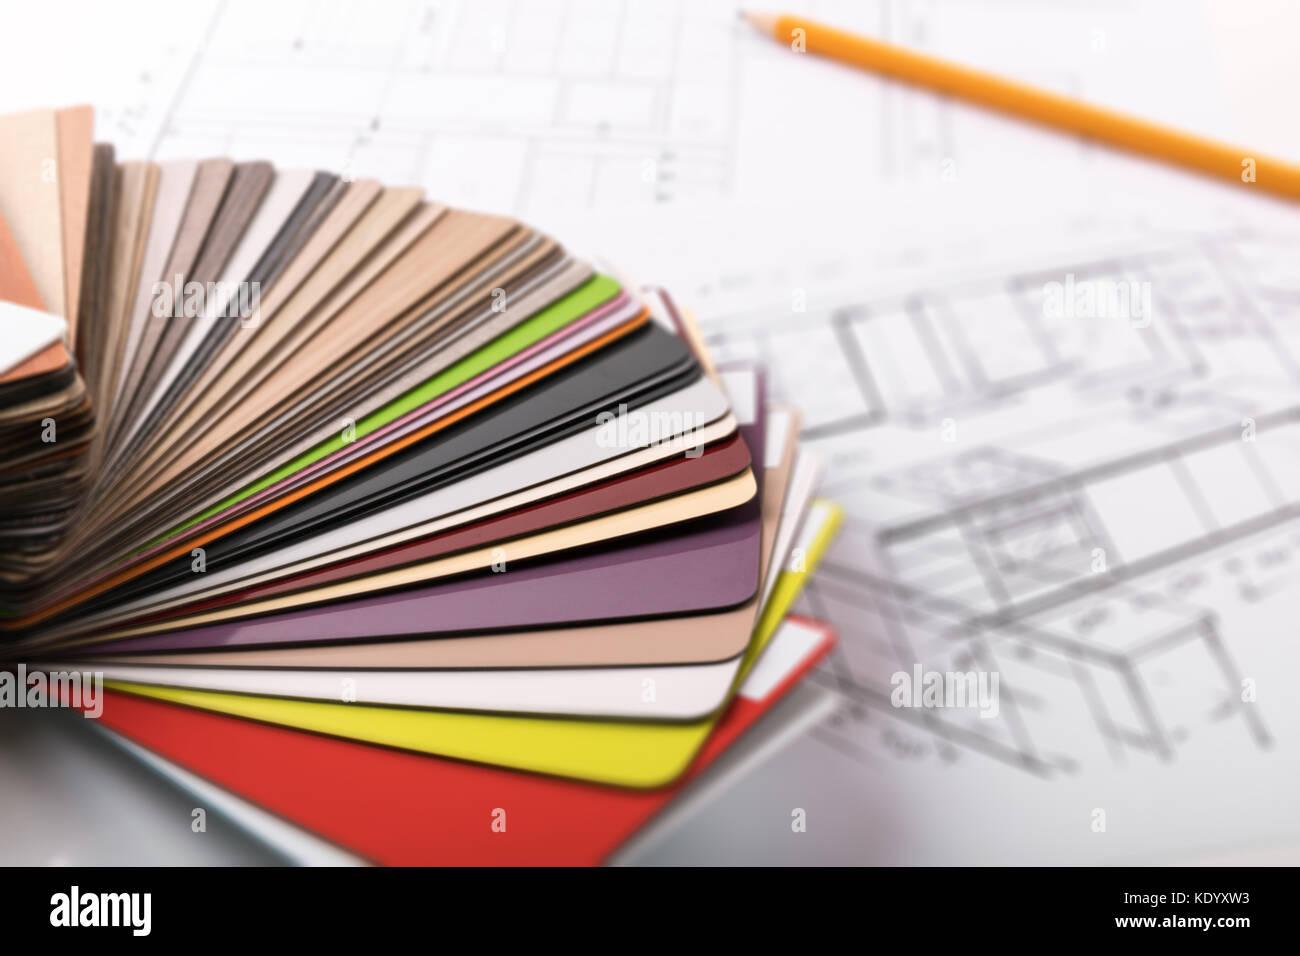 Material Samples Stockfotos & Material Samples Bilder - Alamy